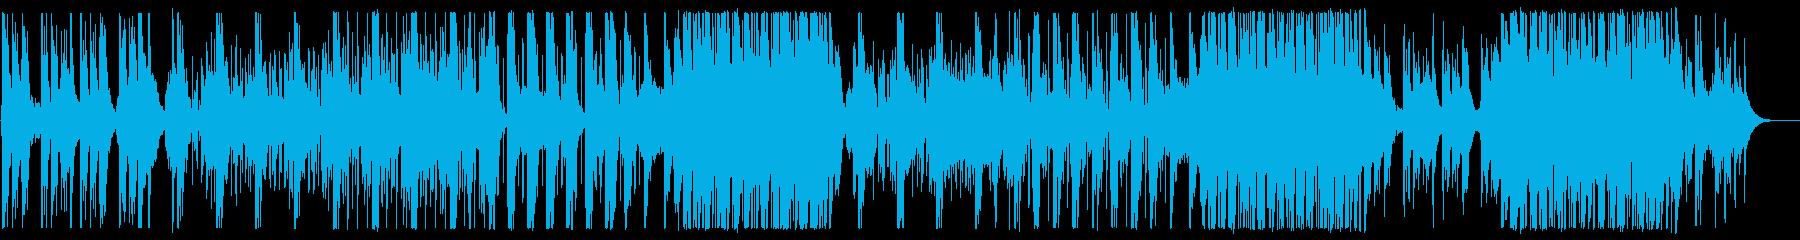 かわいらしく軽快なポップスの再生済みの波形